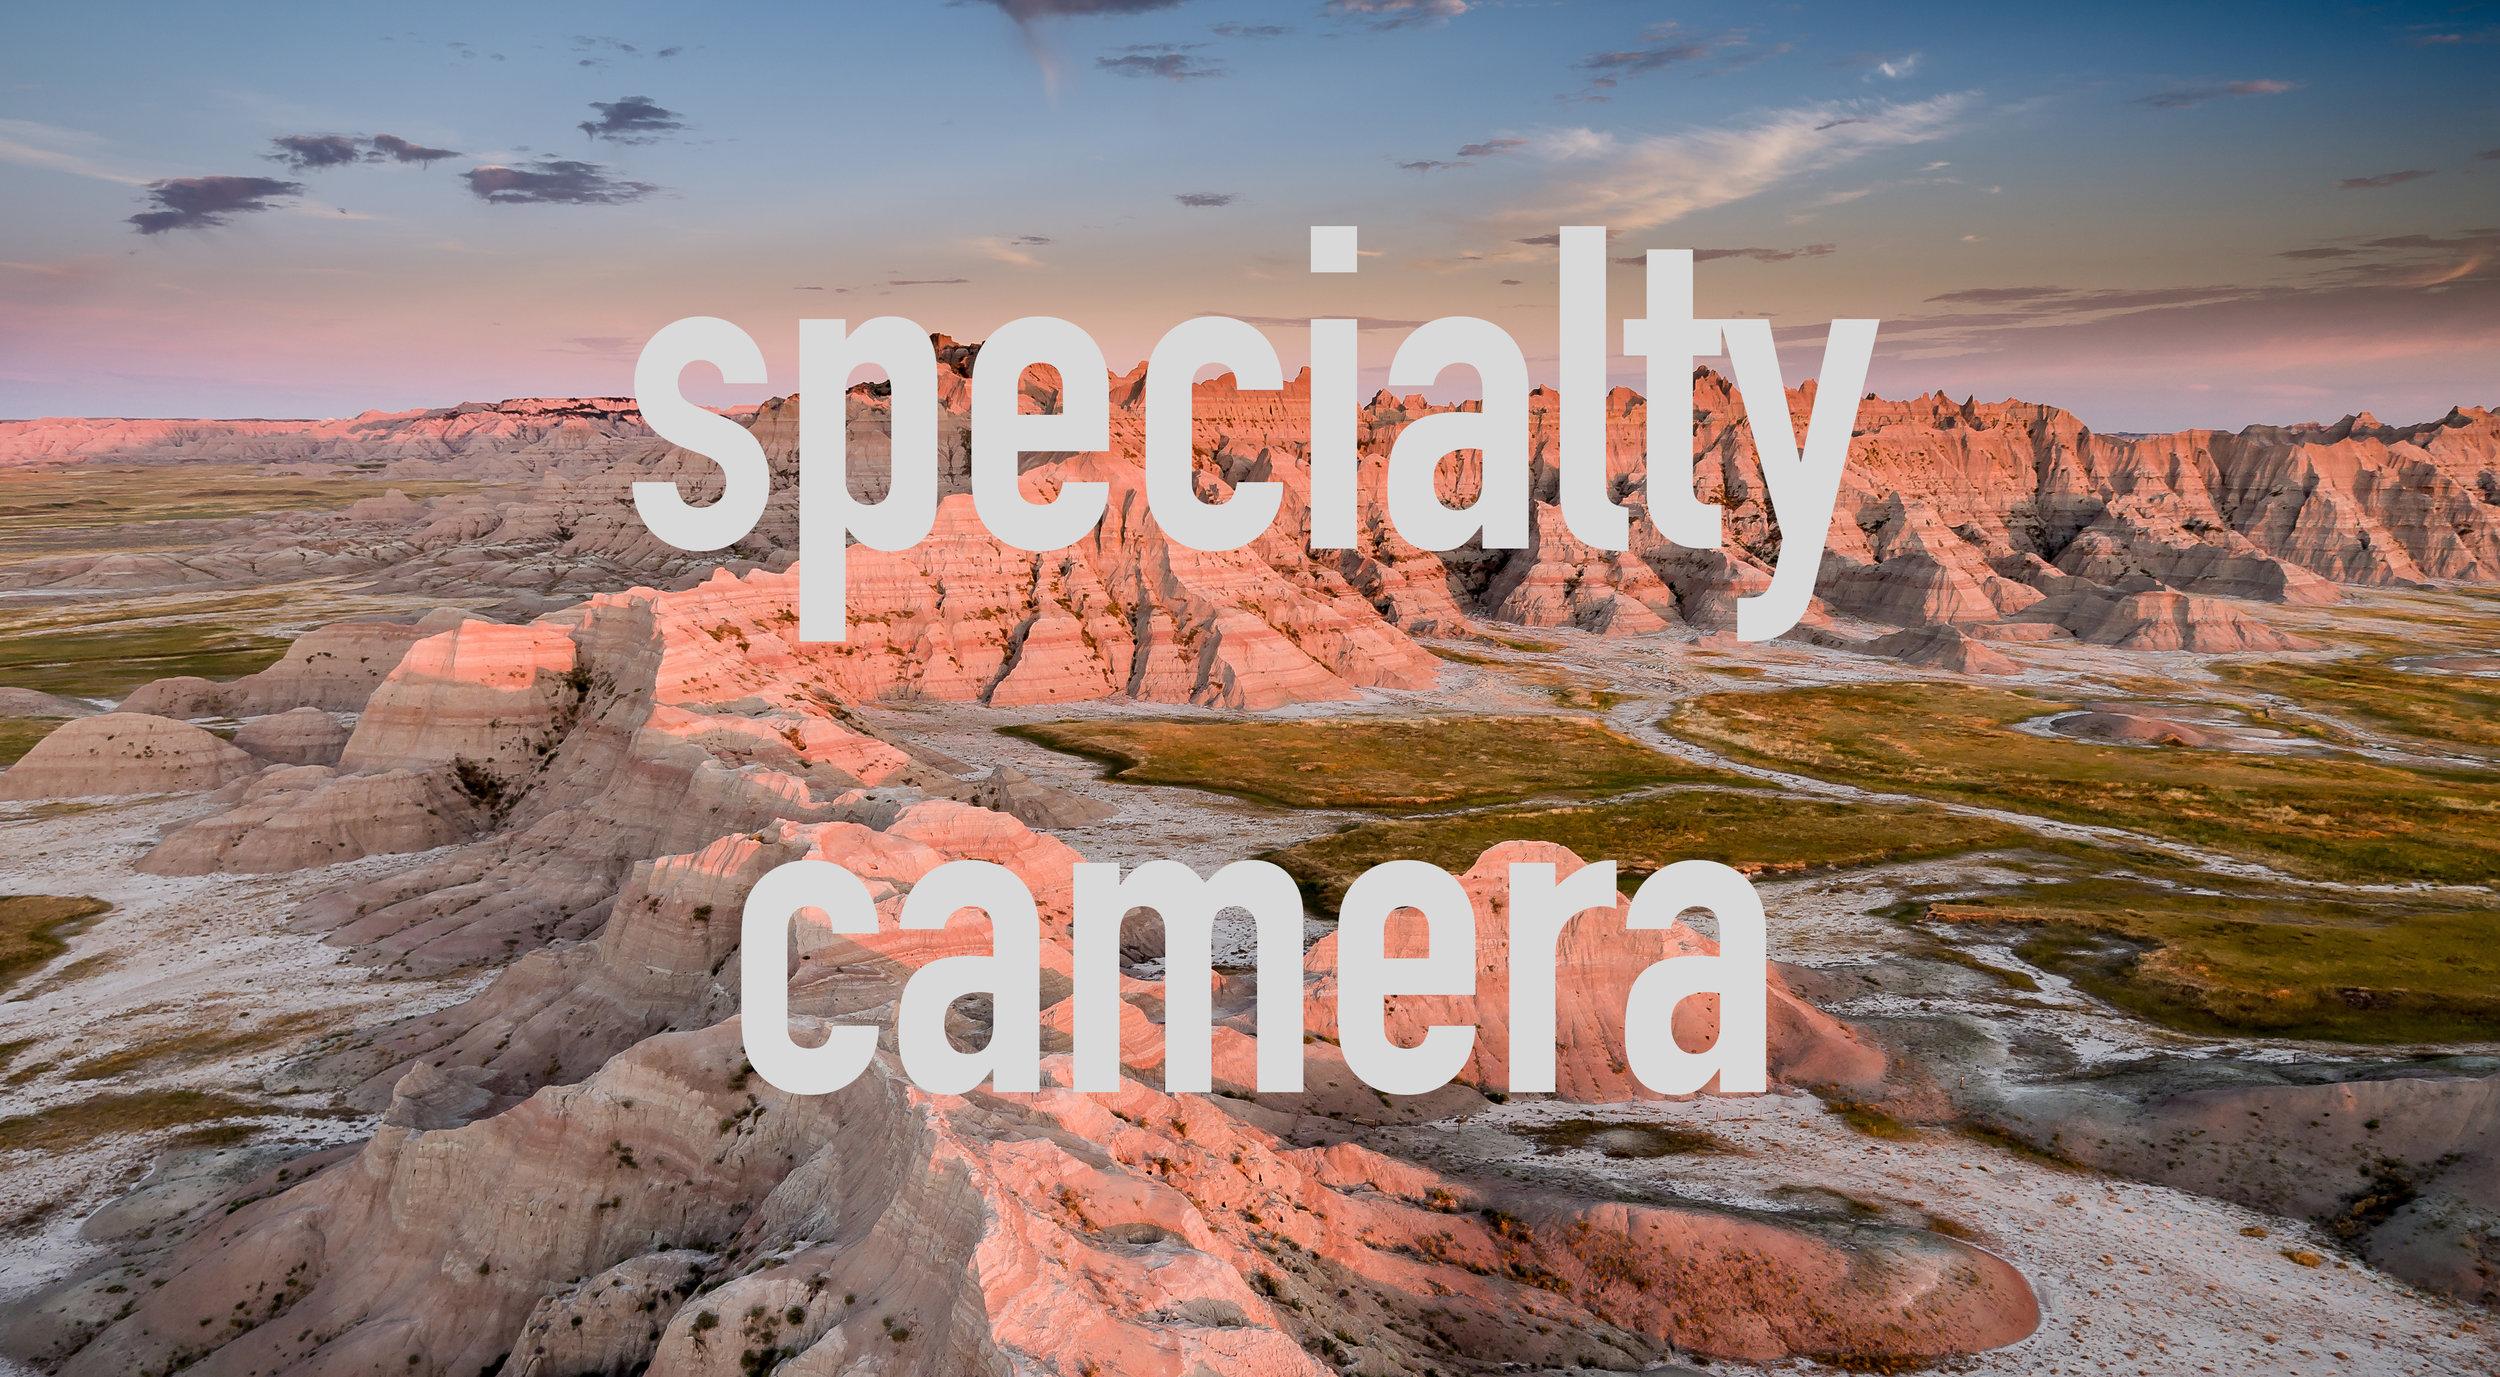 specialtycamera.jpg